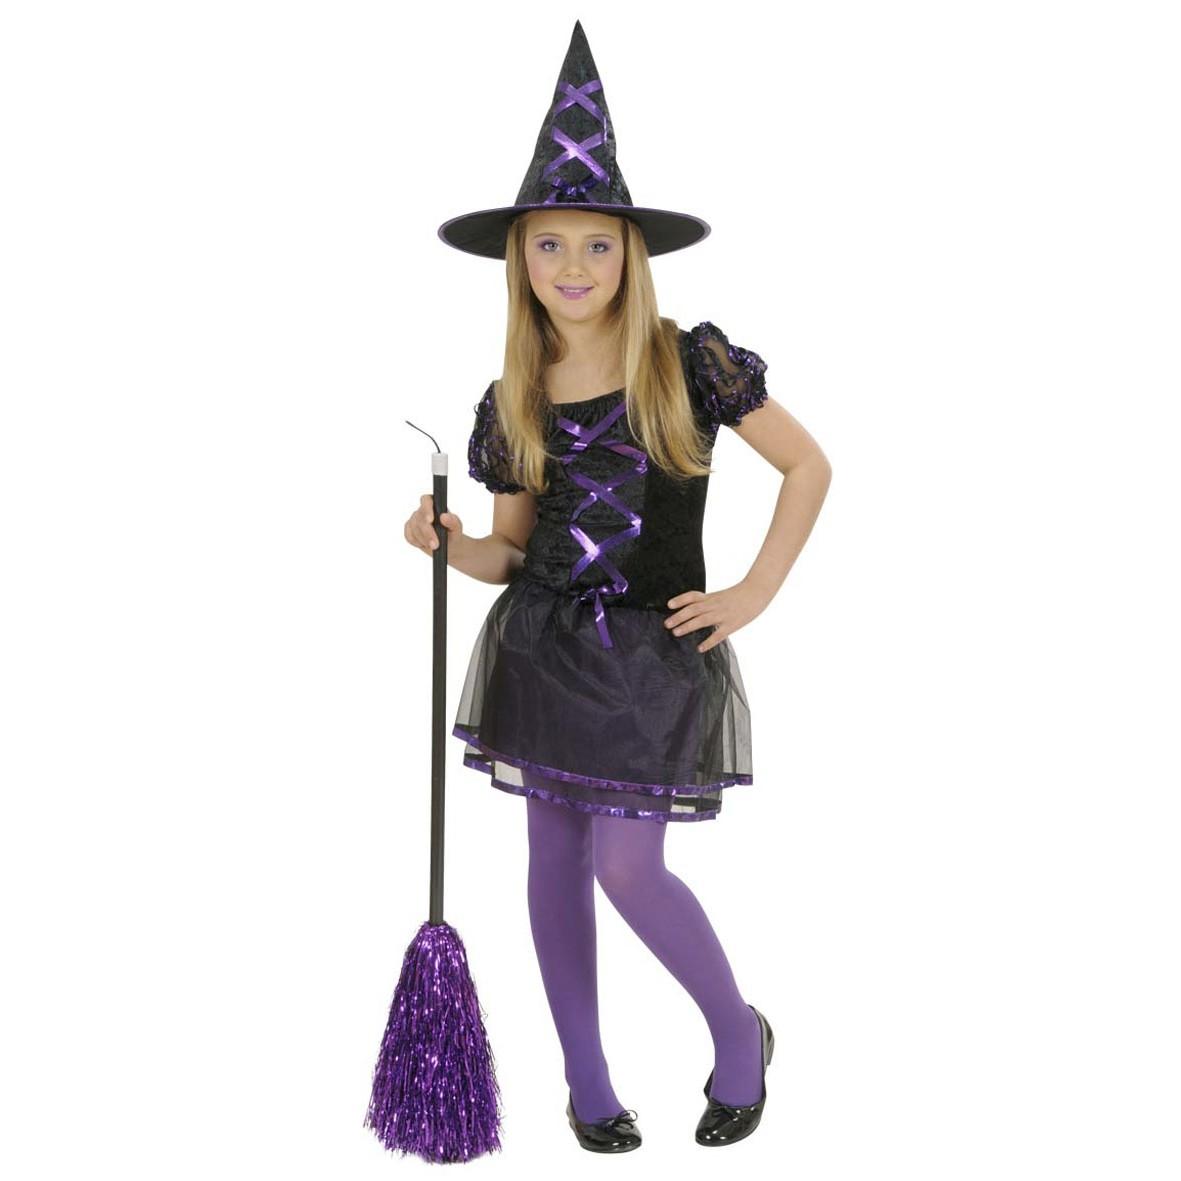 Le Nuove Collezioni di Vestiti per Halloween 2017